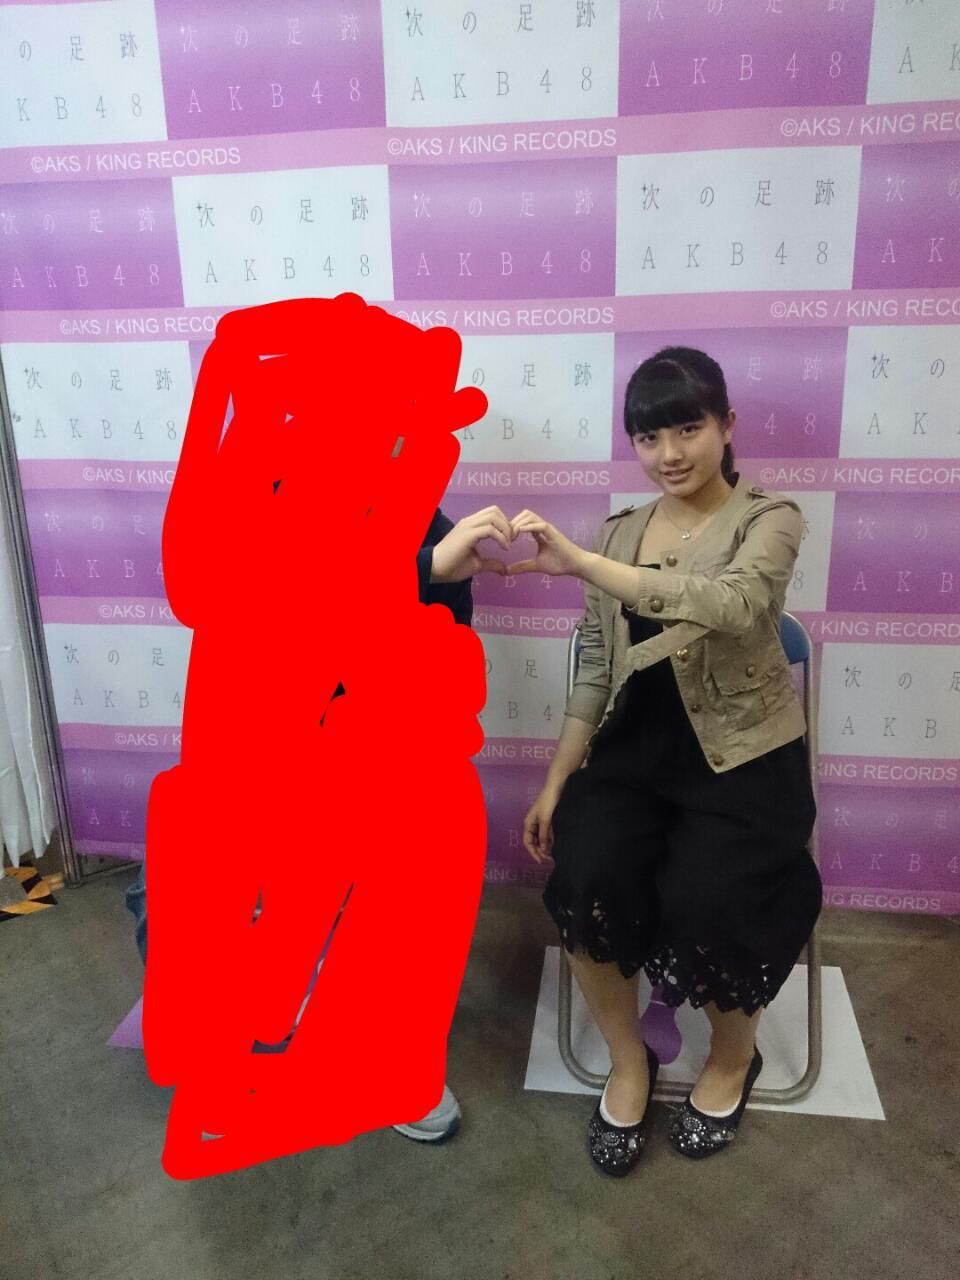 大和田南那の写メ会での画像 太って劣化、お母さん体型になってる